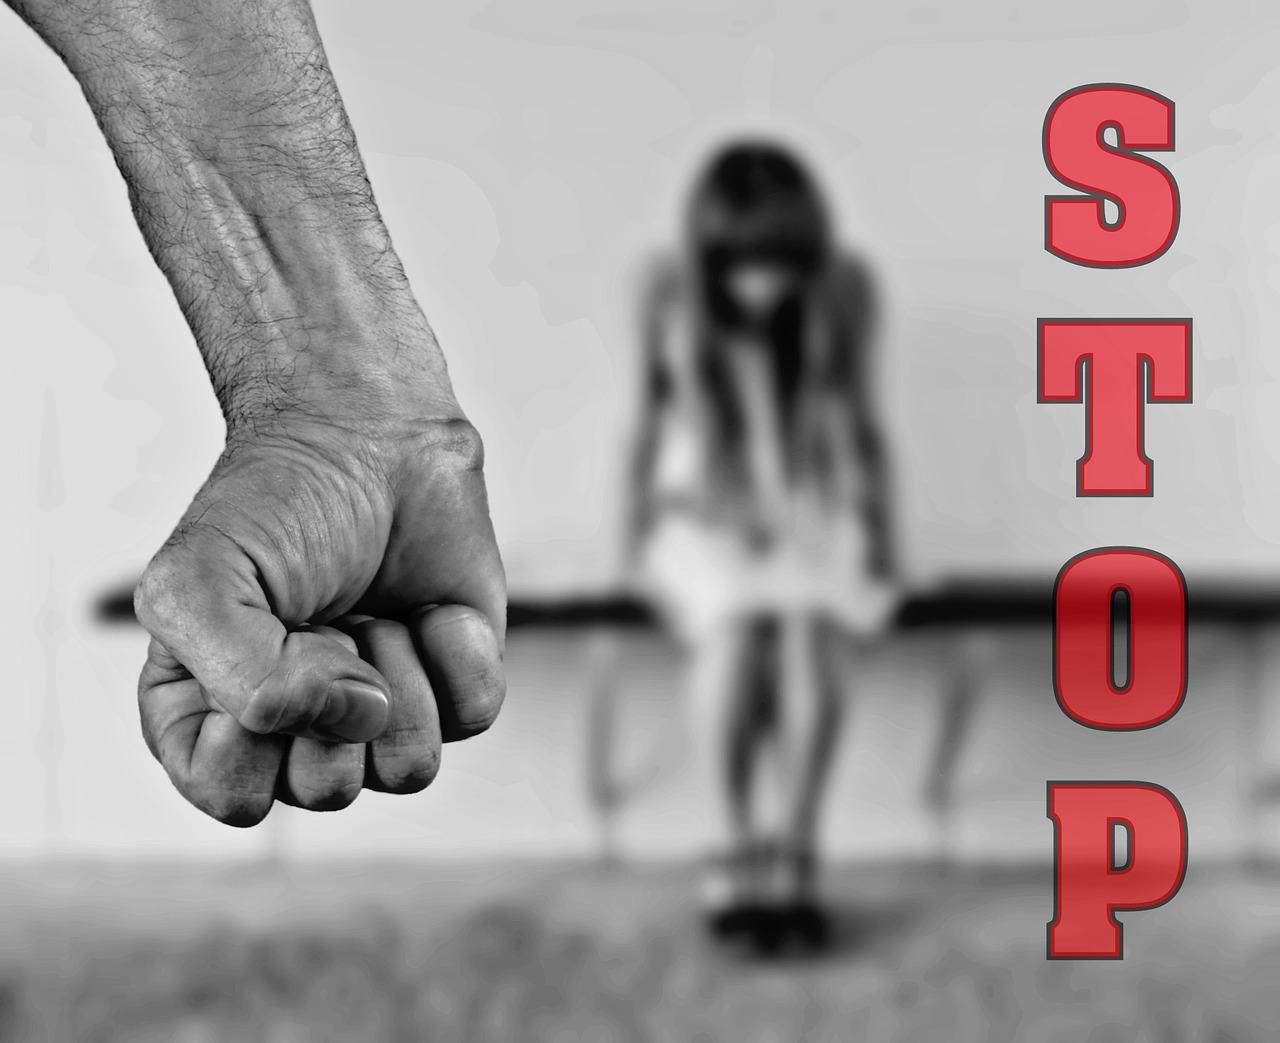 【書籍紹介】虐待された少年はなぜ、事件を起こしたのか